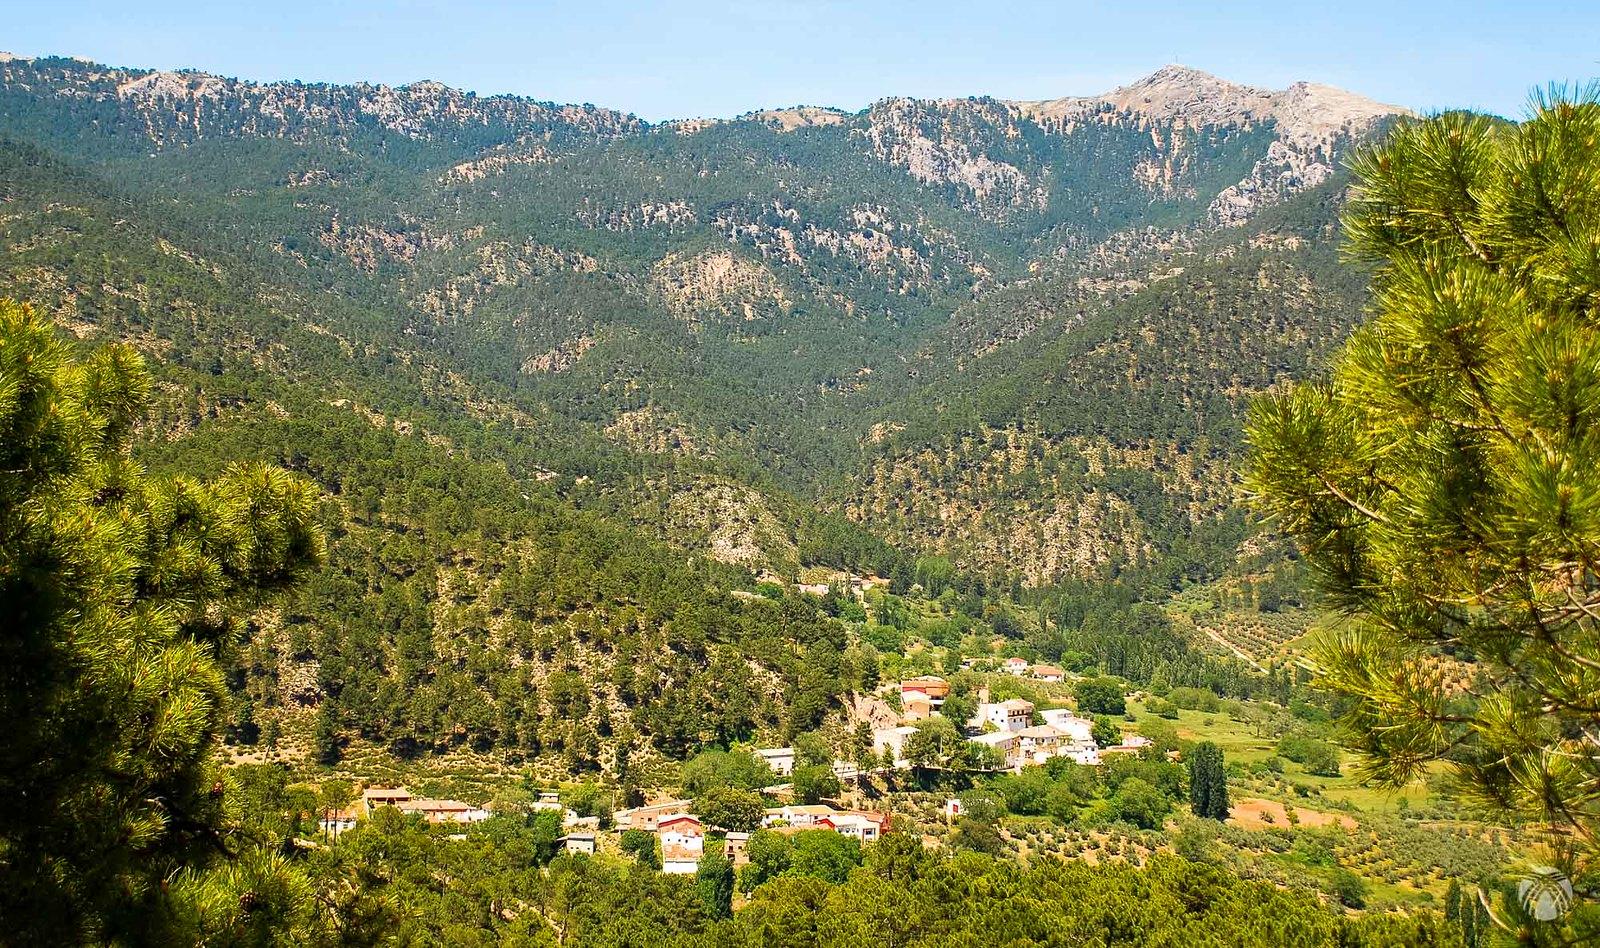 La aldea del Bellotar